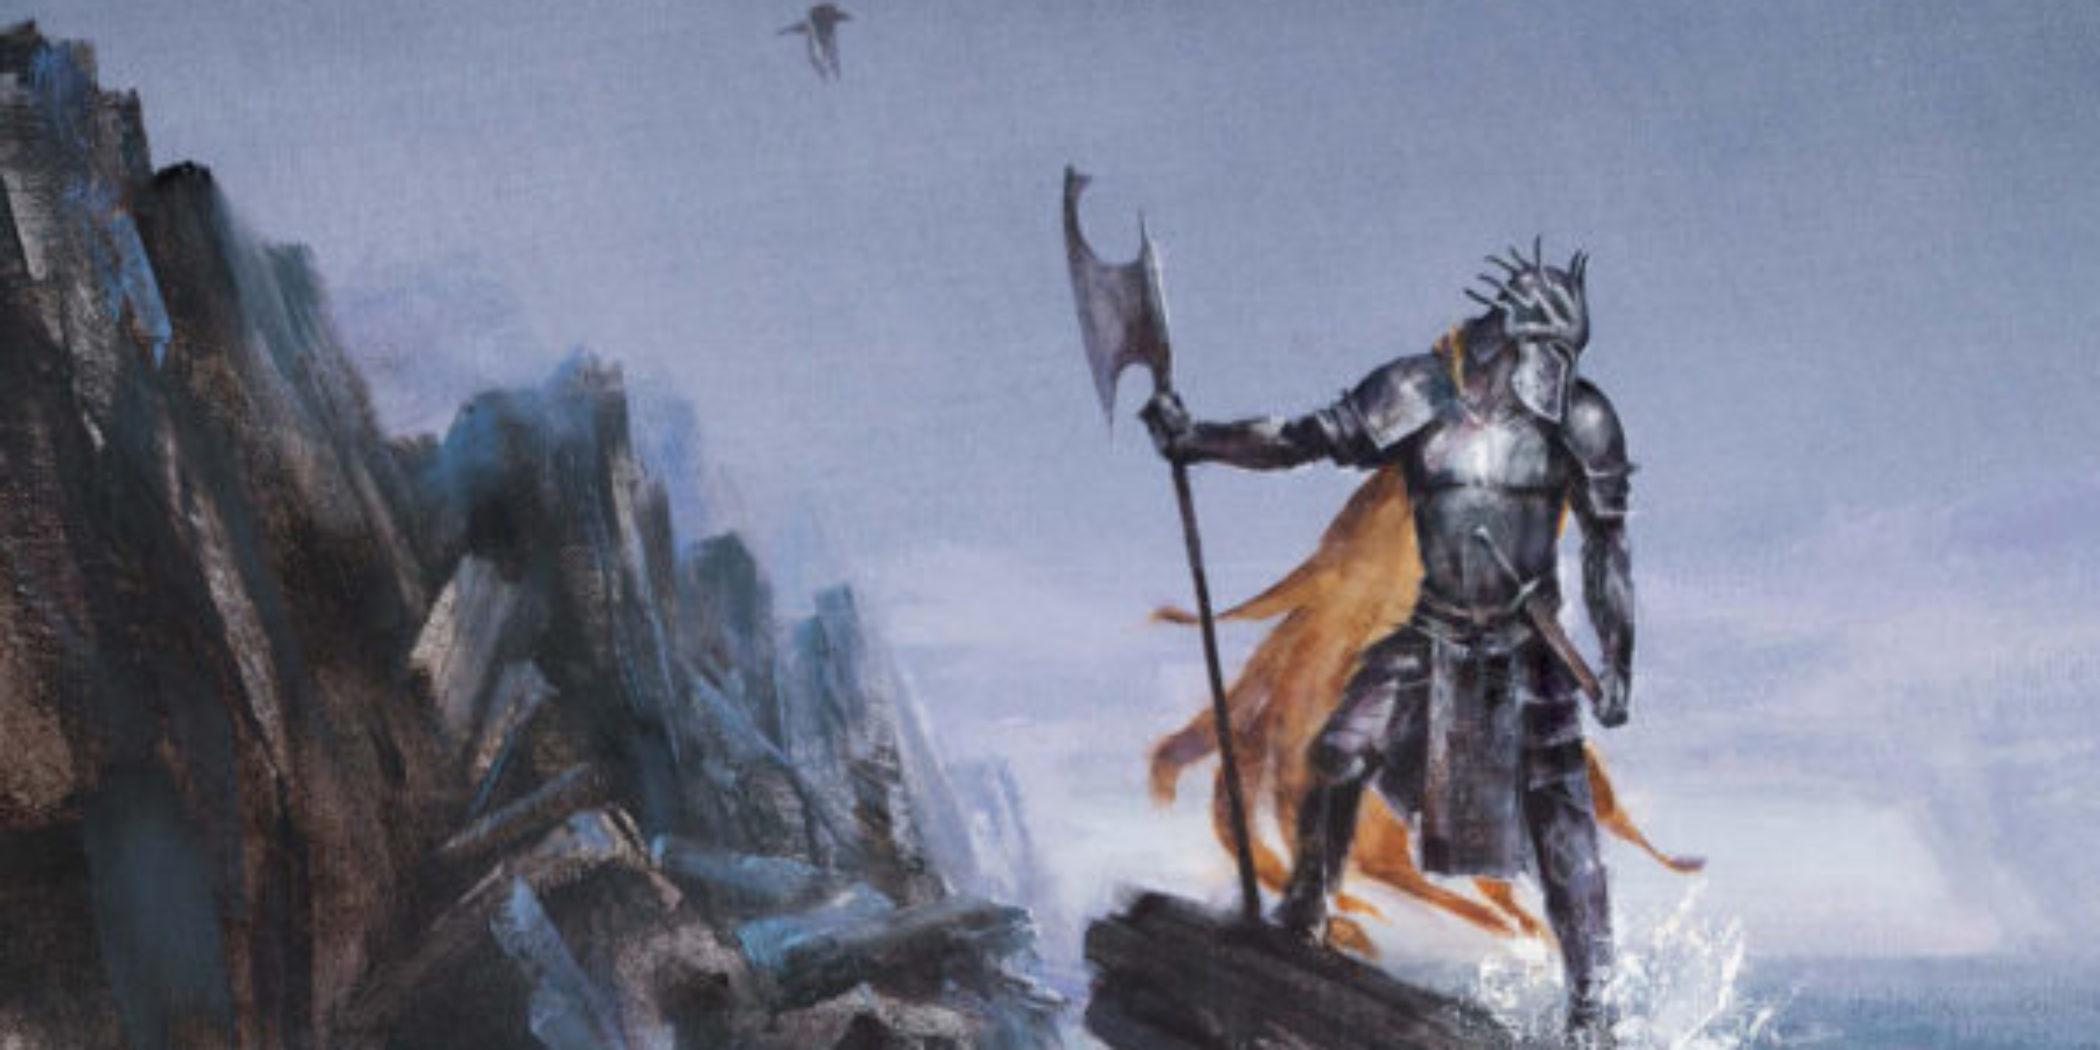 Vikings Calendrier.On Teste Pour Vous Calendrier Asoiaf 2018 Illustre Par Eric